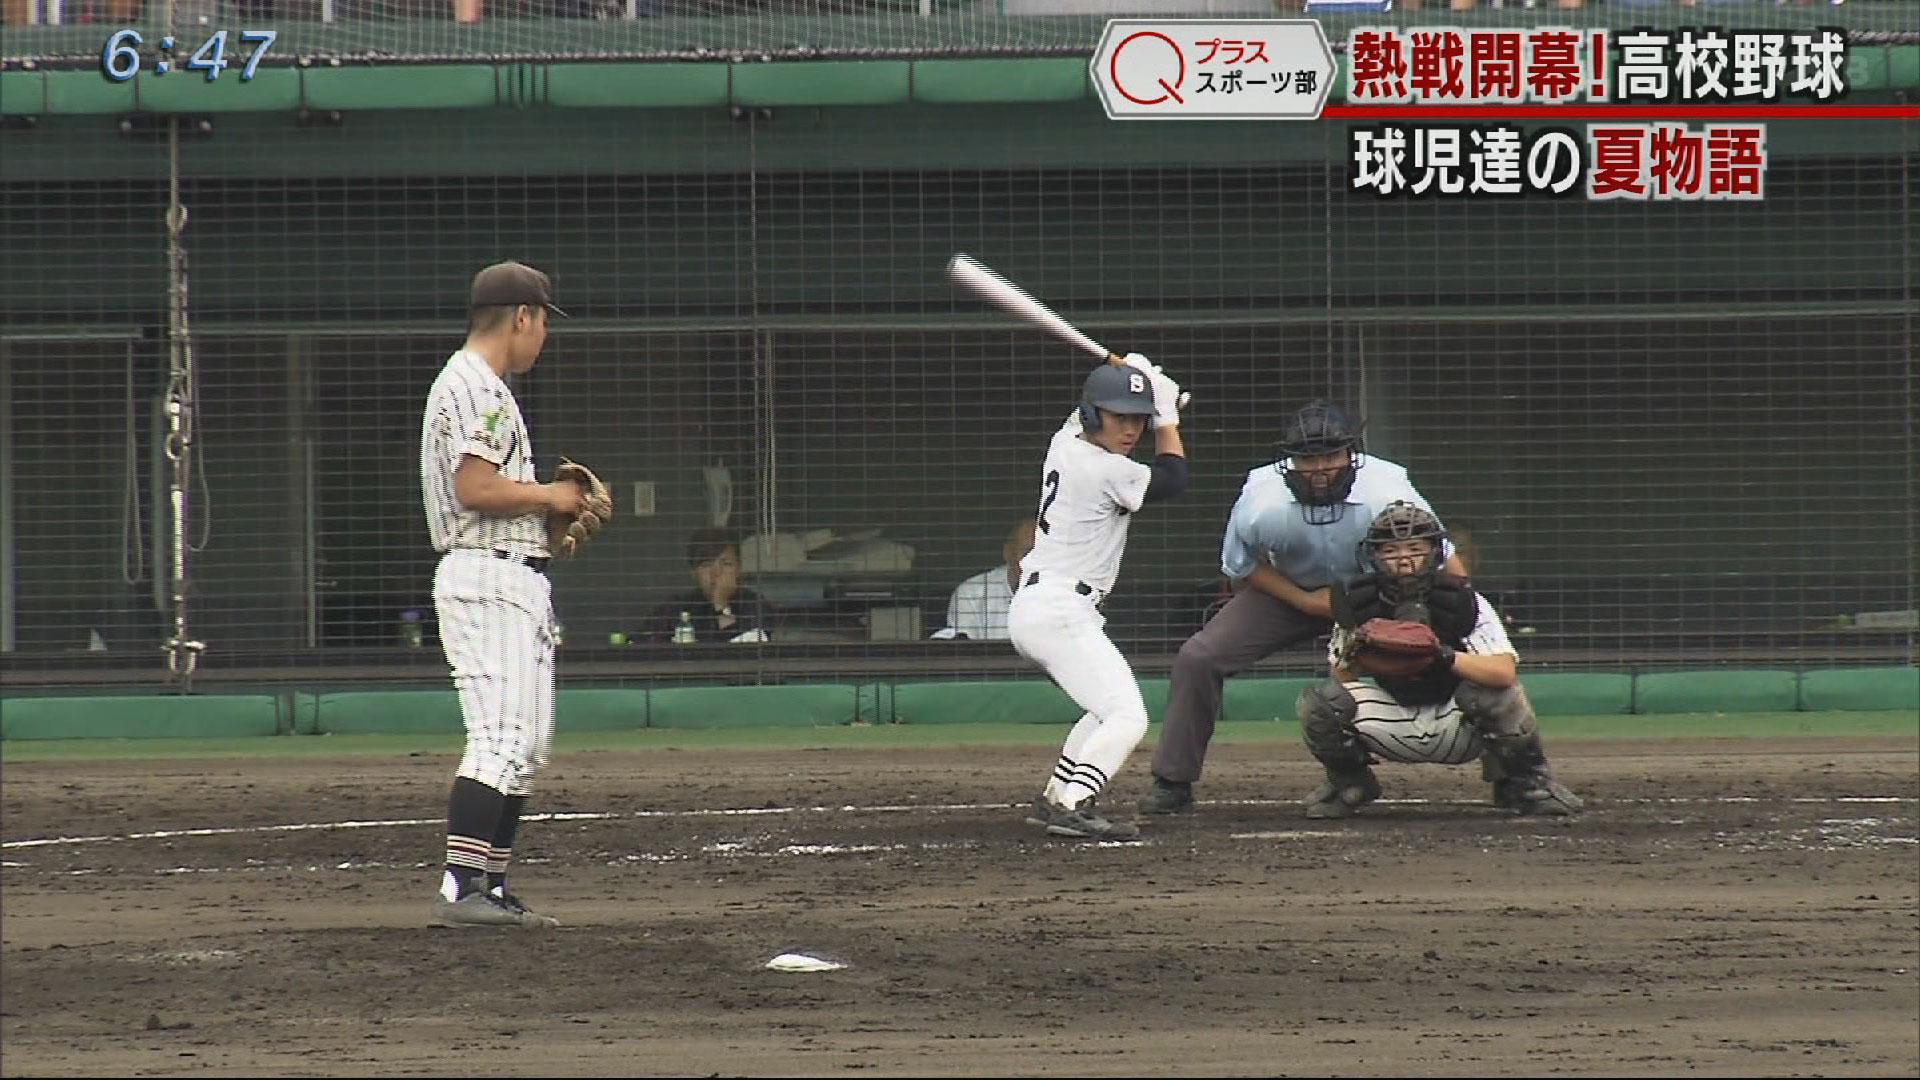 夏の高校野球沖縄大会1回戦スタート